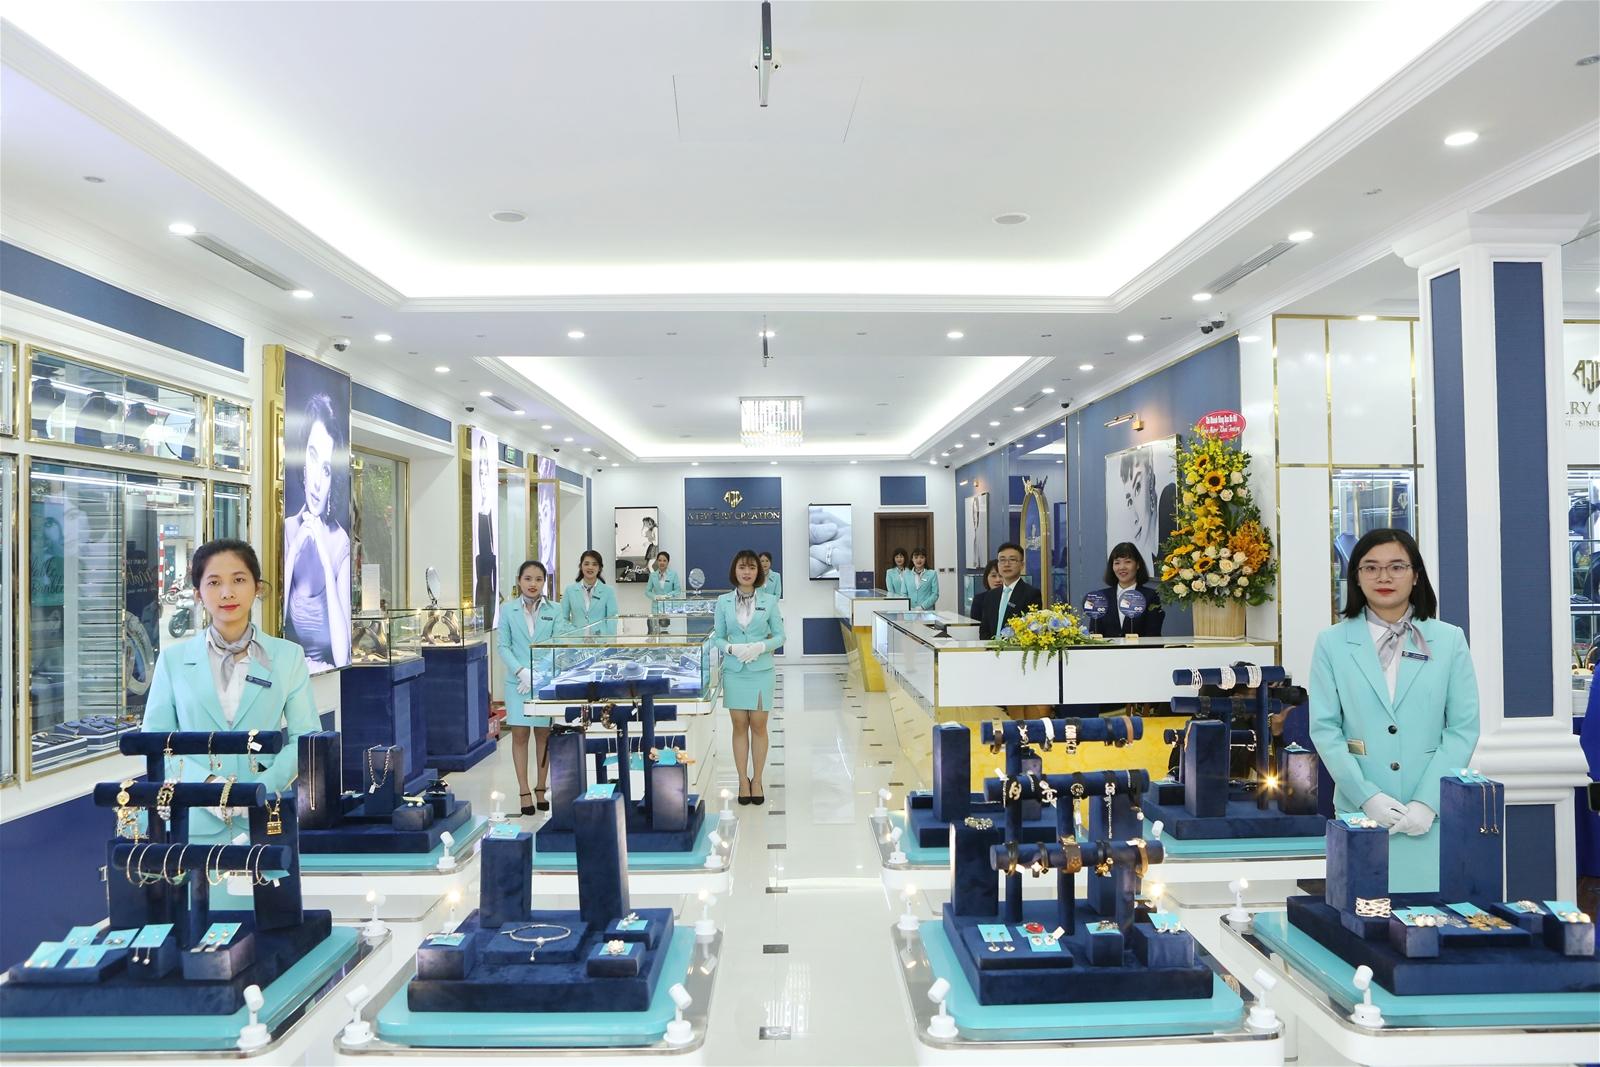 Trung tâm Vàng bạc Đá quý Thời trang AJC 98 Phố Huế được thiết kế hiện đại và đẳng cấp